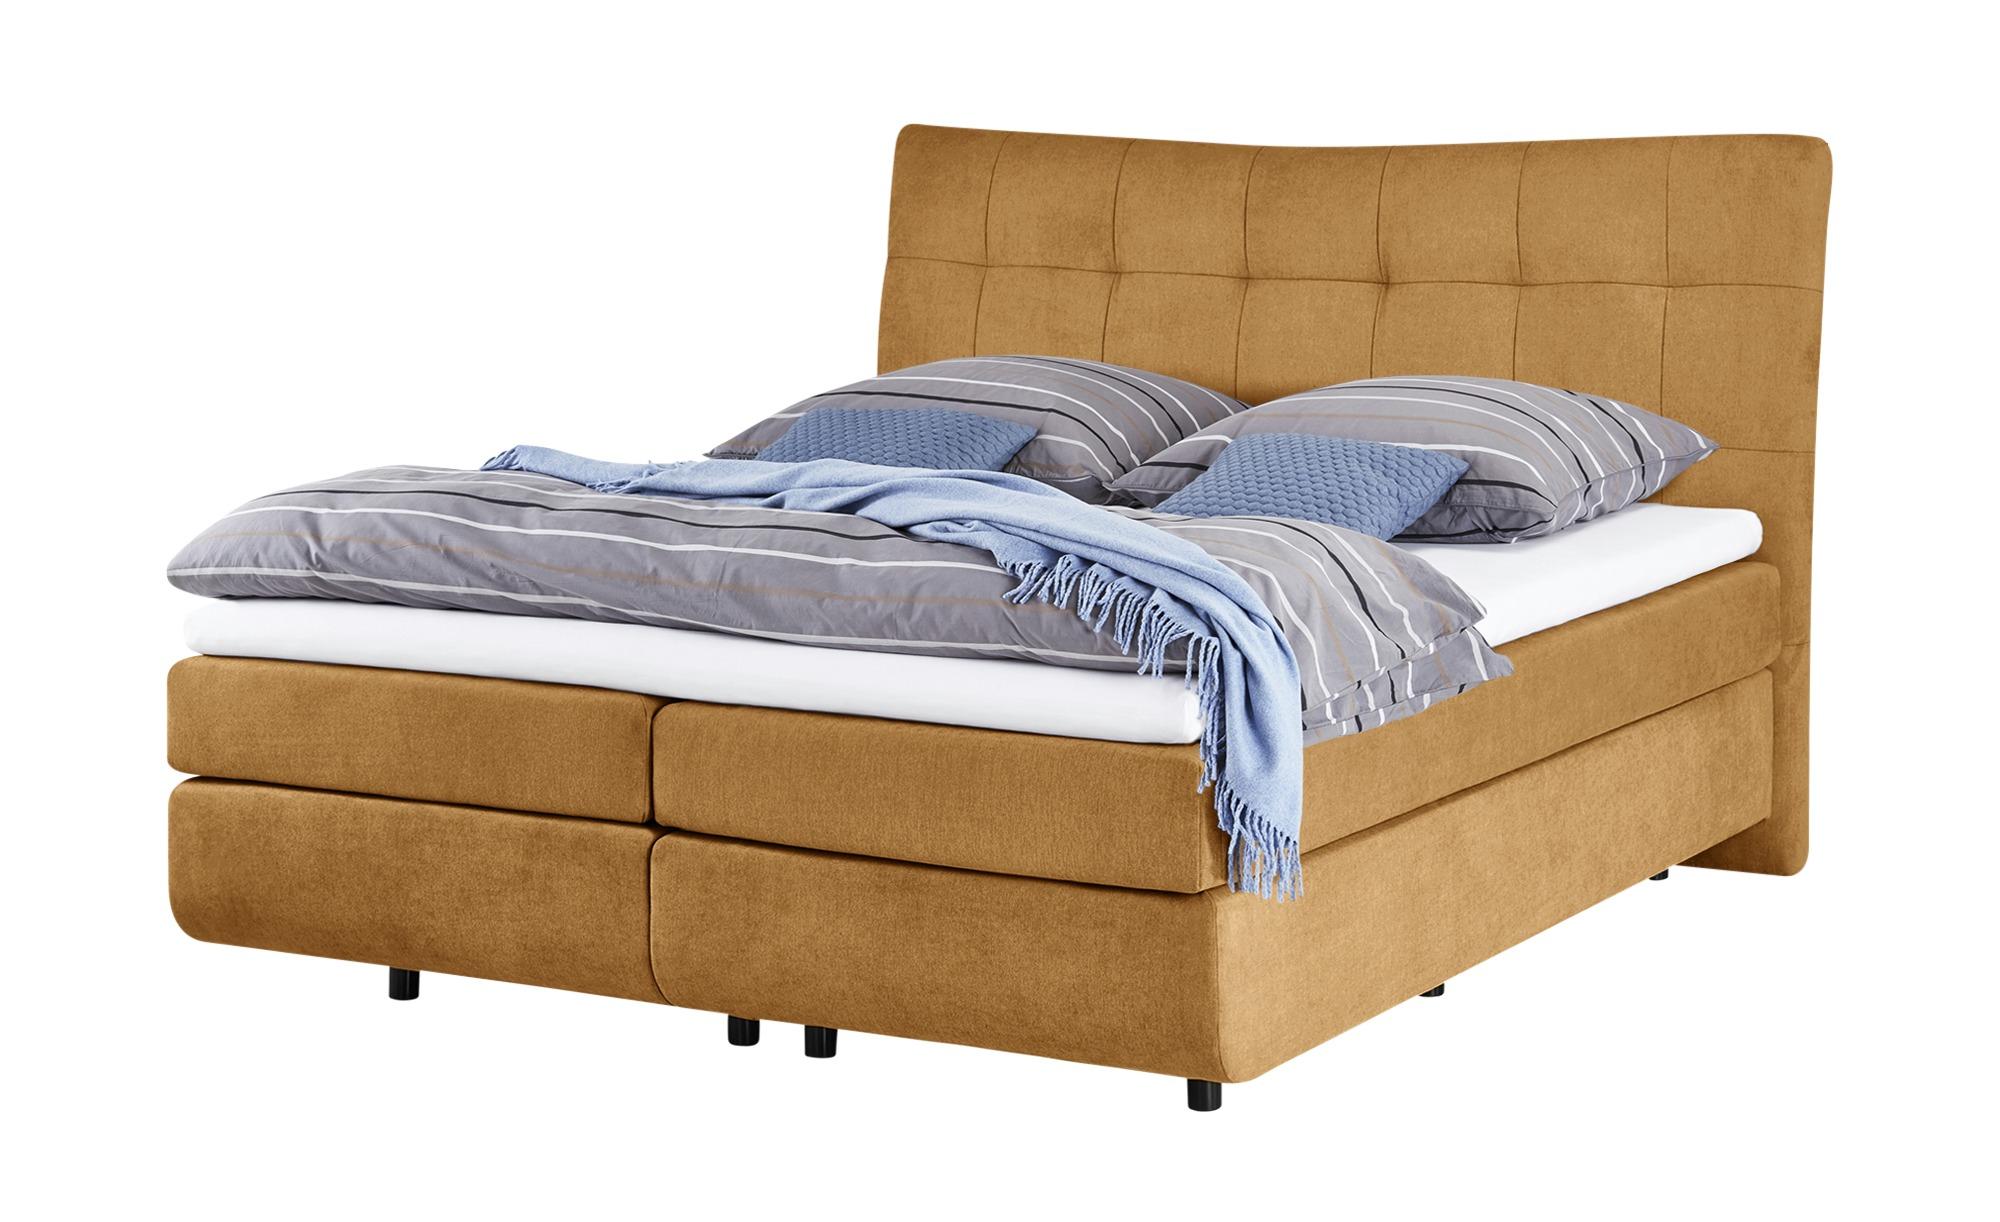 Doppelbett 140x200 Mit Matratze Gebrauchte Betten Kaufen Berlin